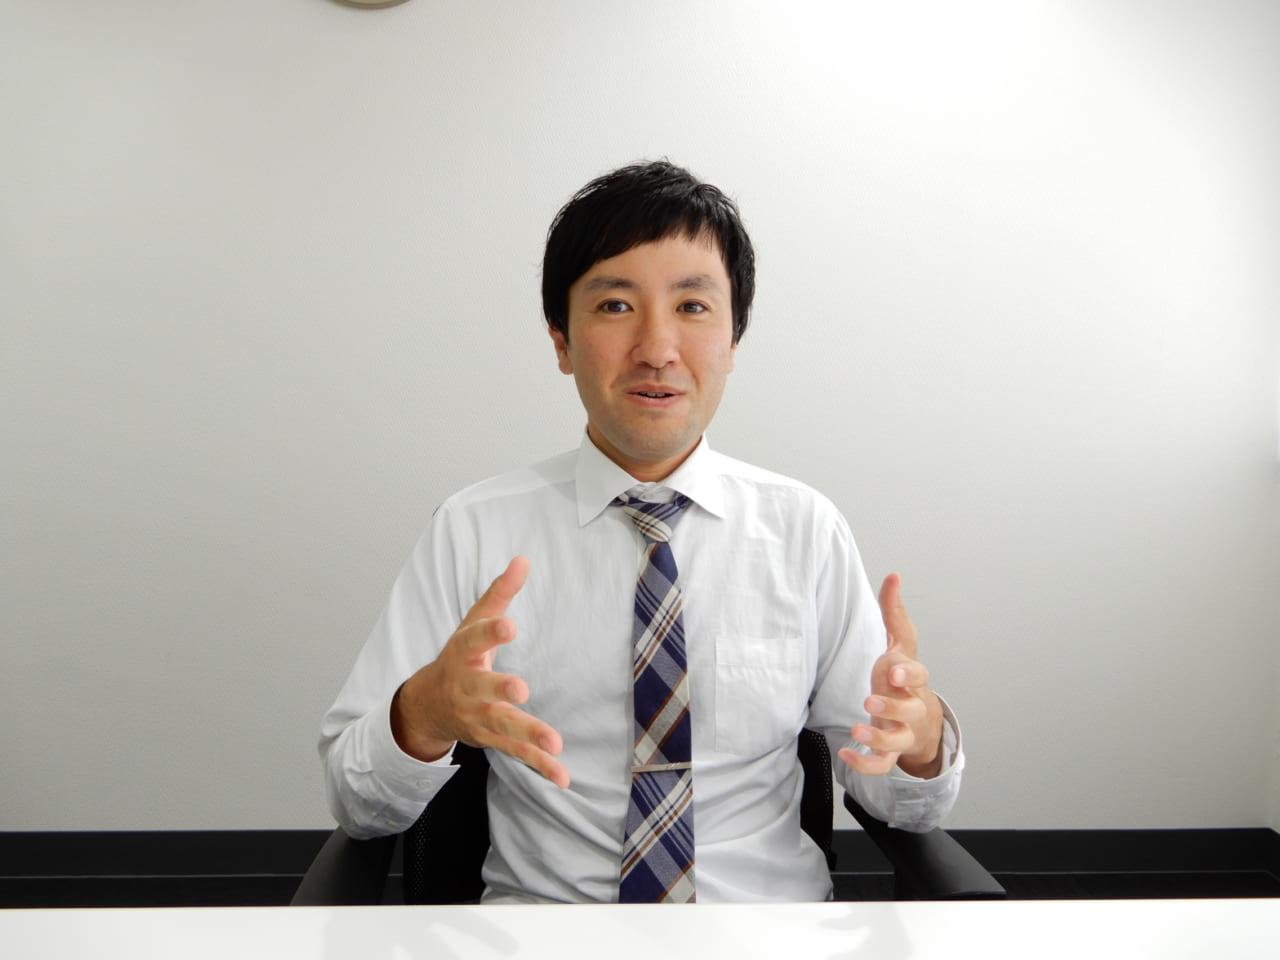 ヒロセ通商東野さん話す様子3